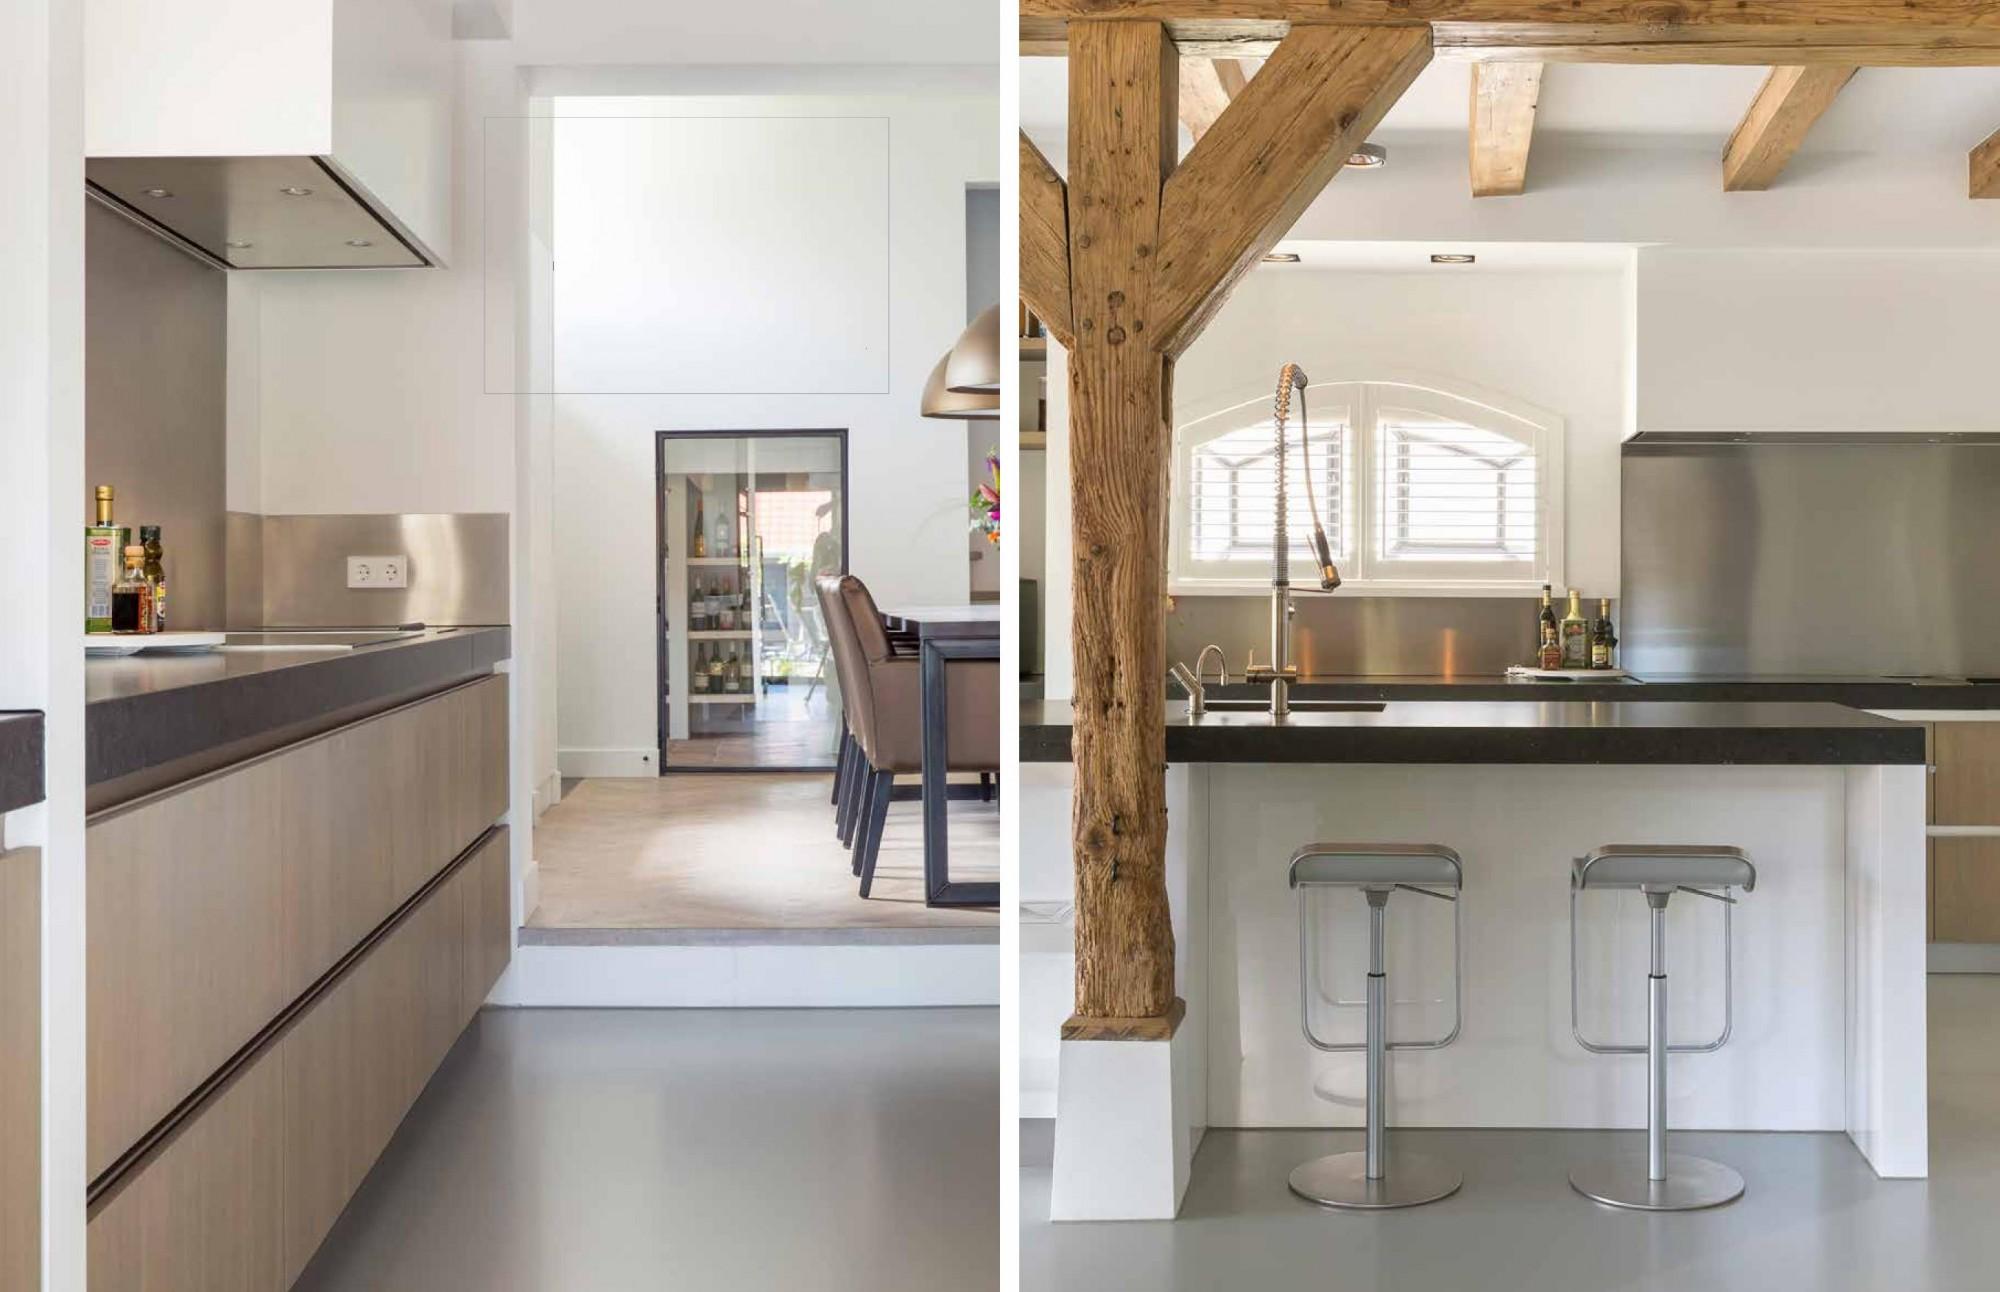 Landelijke Keuken Handgemaakt : Moderne en landelijke keuken handgemaakt door JACOB Apeldoorn